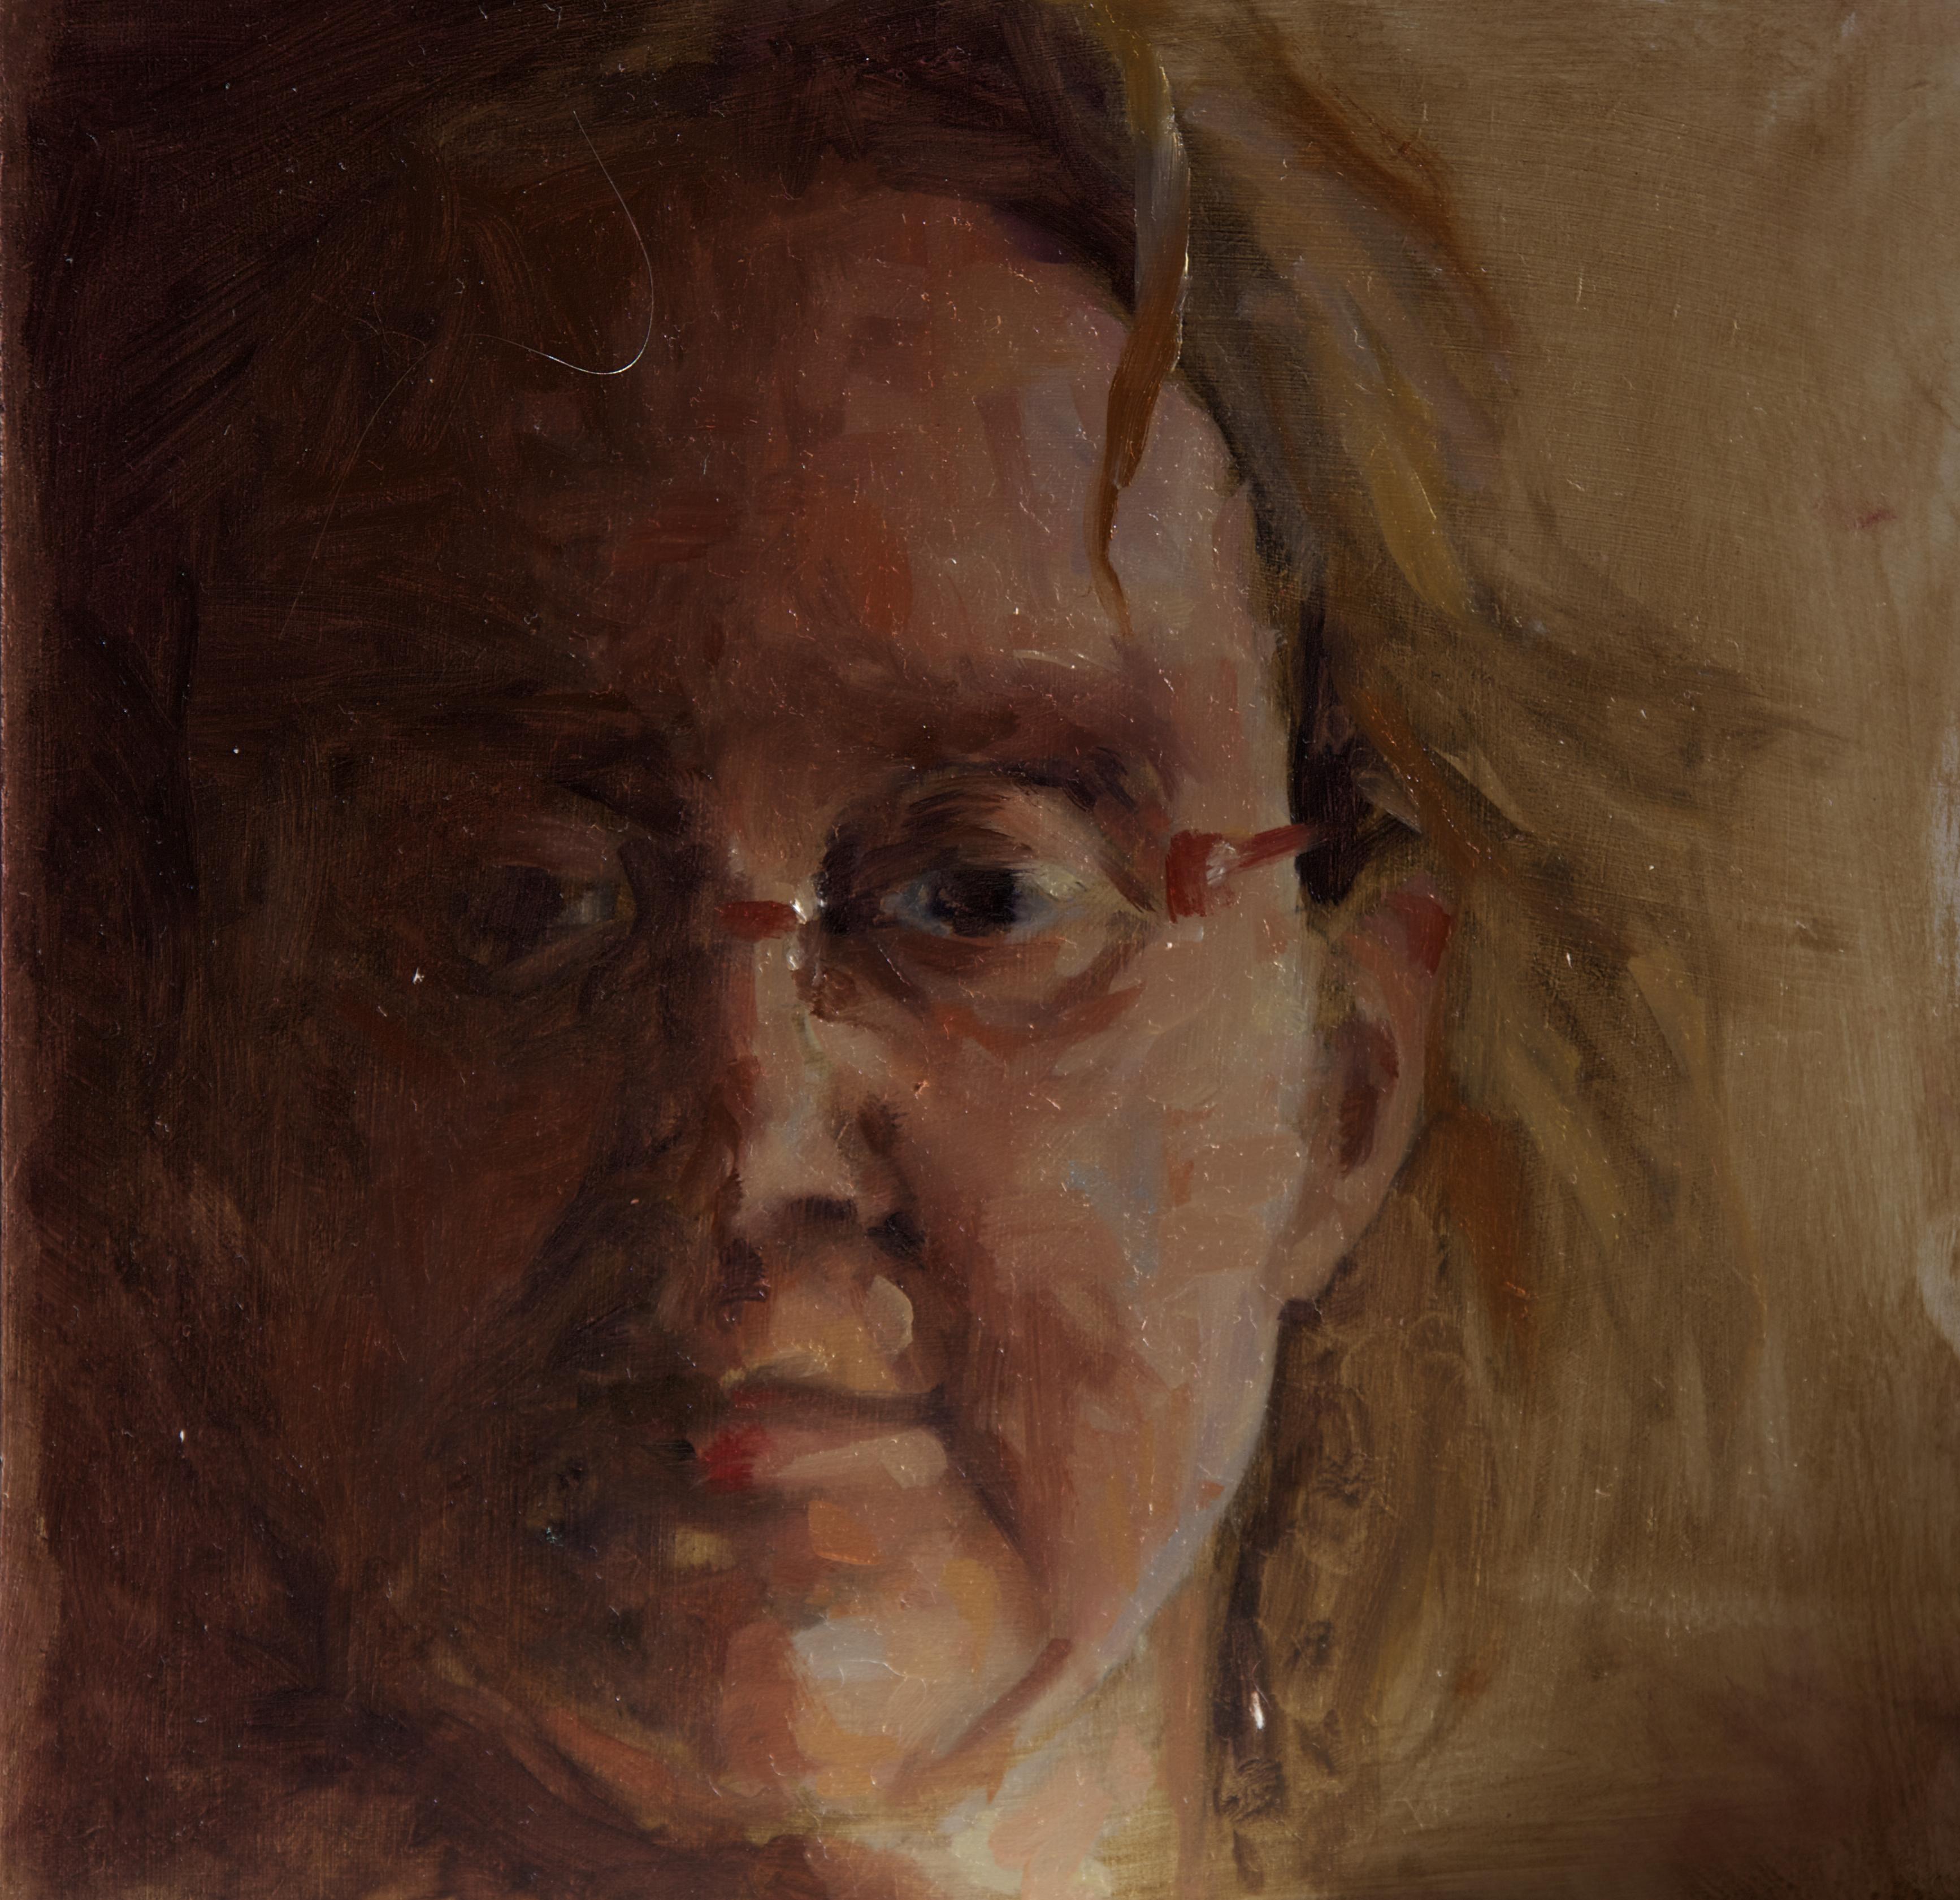 zelfportret 2013